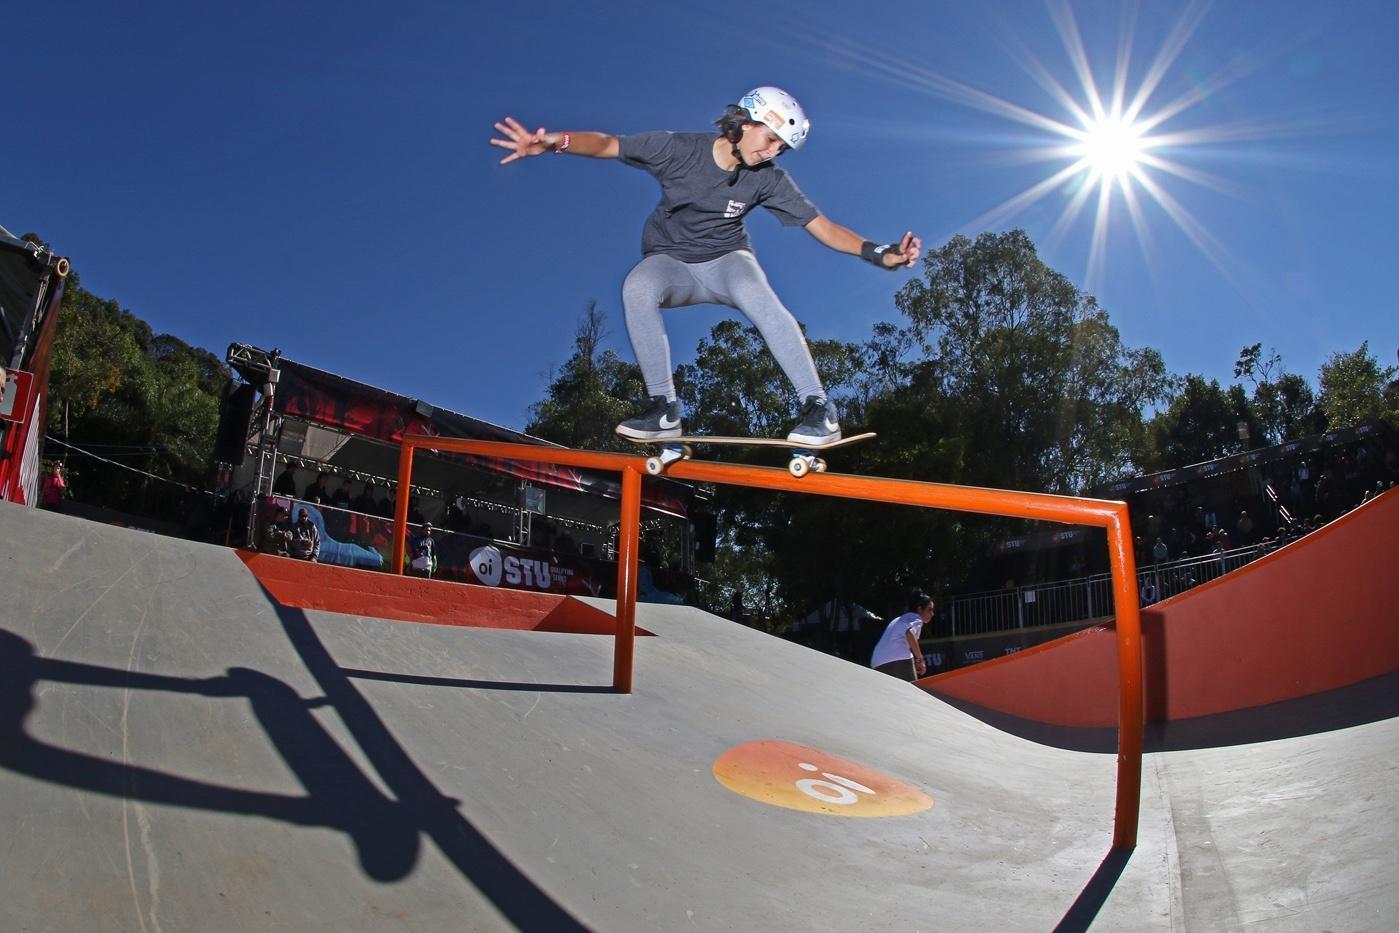 Skate Olímpico - Conheça mais sobre essa nova modalidade